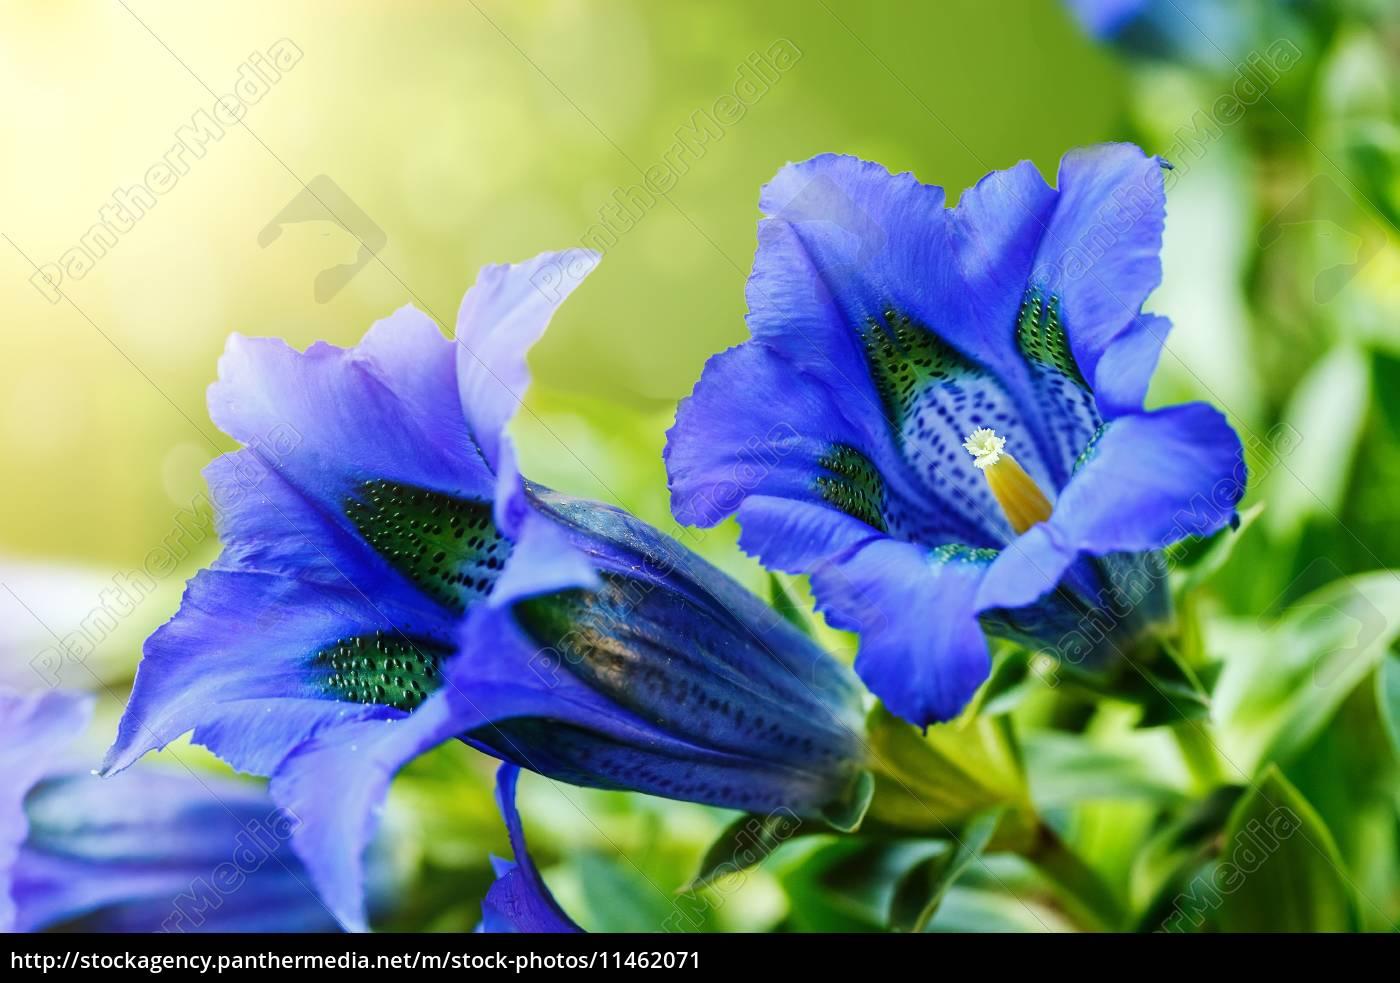 trompete gentiana blau frühling blumen im garten - Lizenzfreies Bild ...